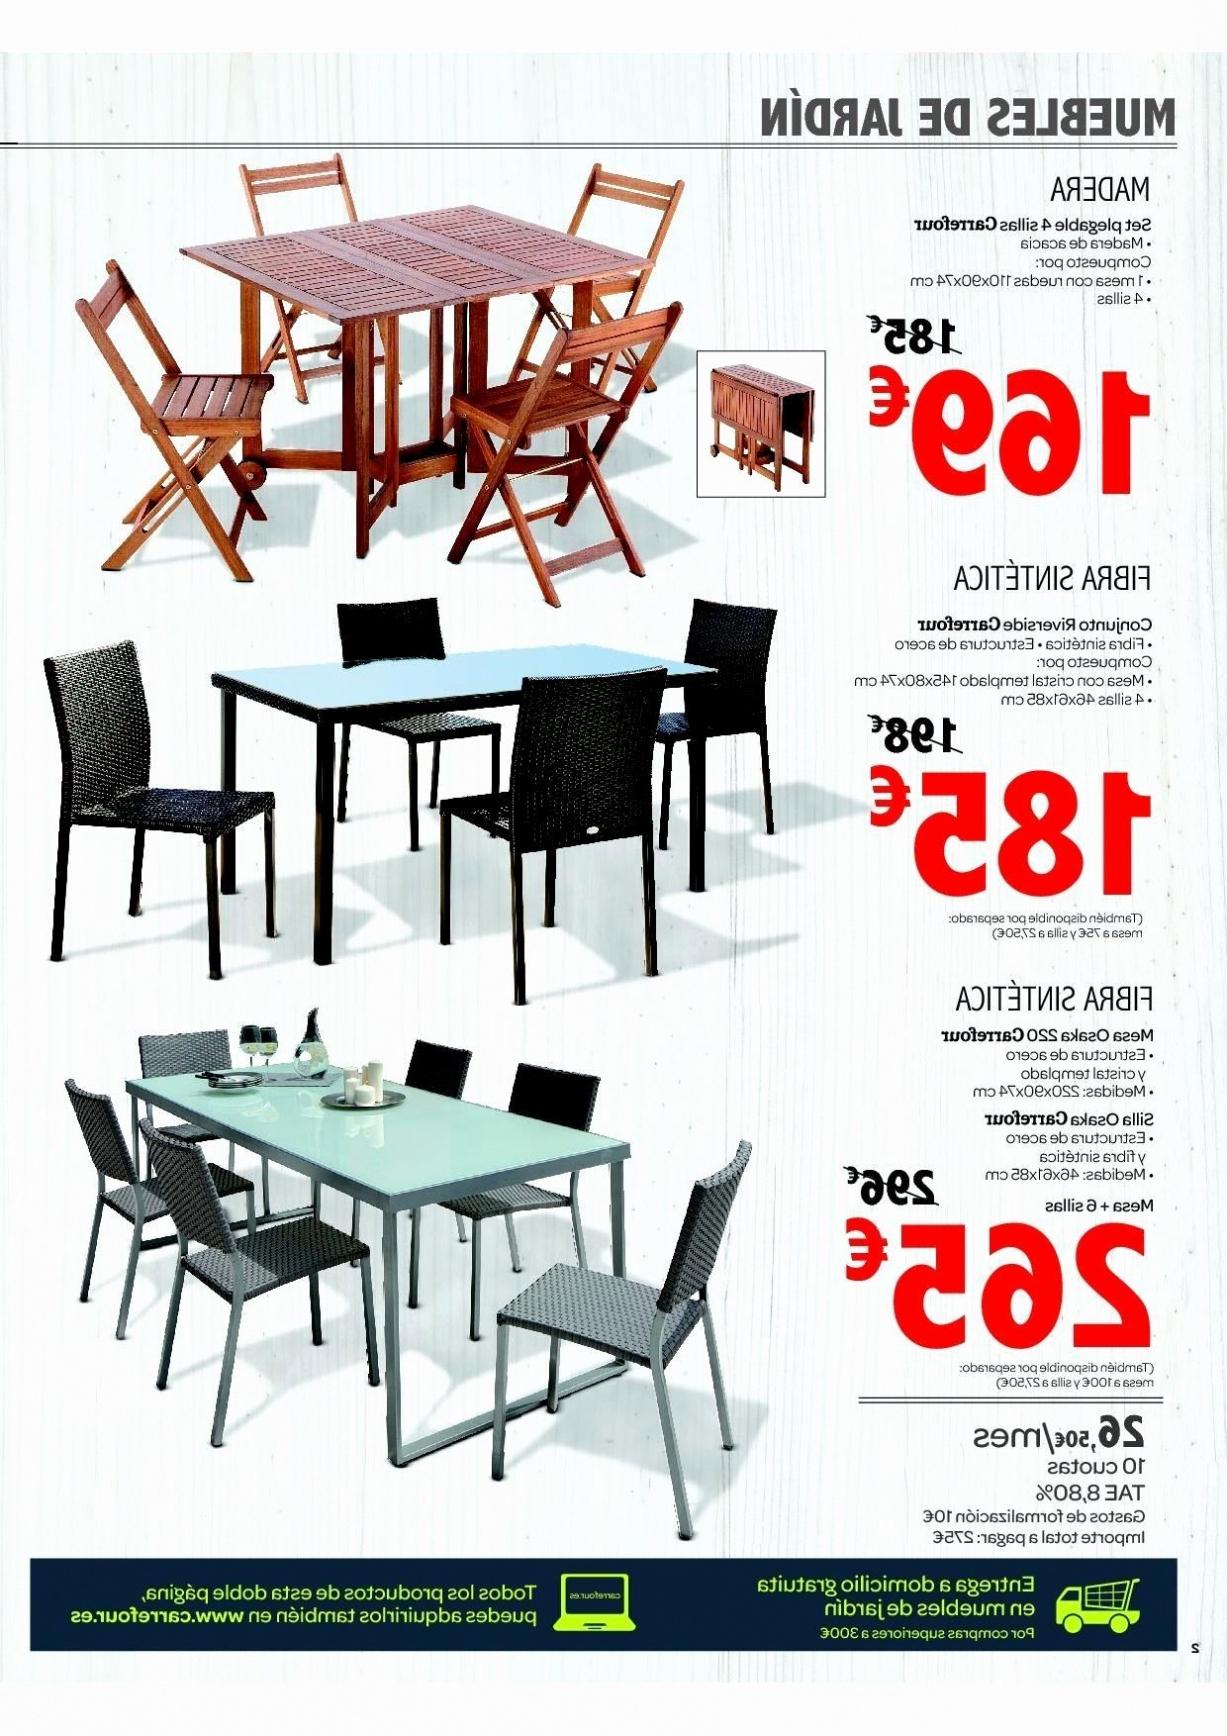 Mesas Y Sillas Jardin Carrefour Txdf Mesas Y Sillas De Jardin Carrefour Inspirational Carrefour Sillones